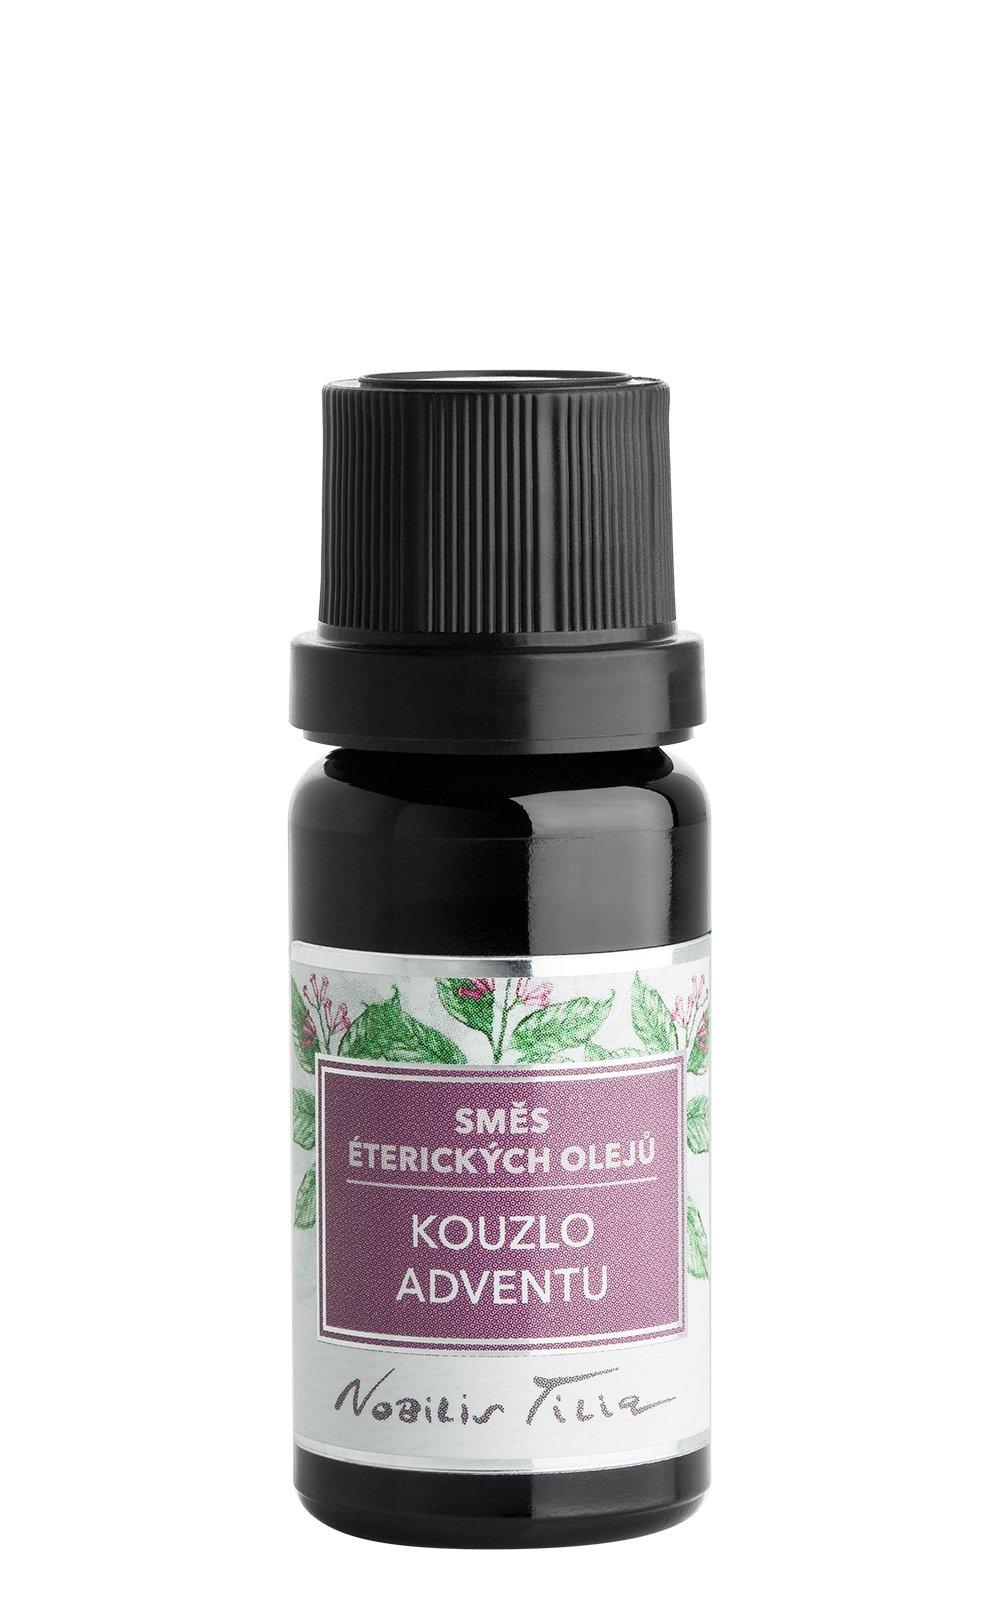 Směs éterických olejů Kouzlo adventu: 10 ml